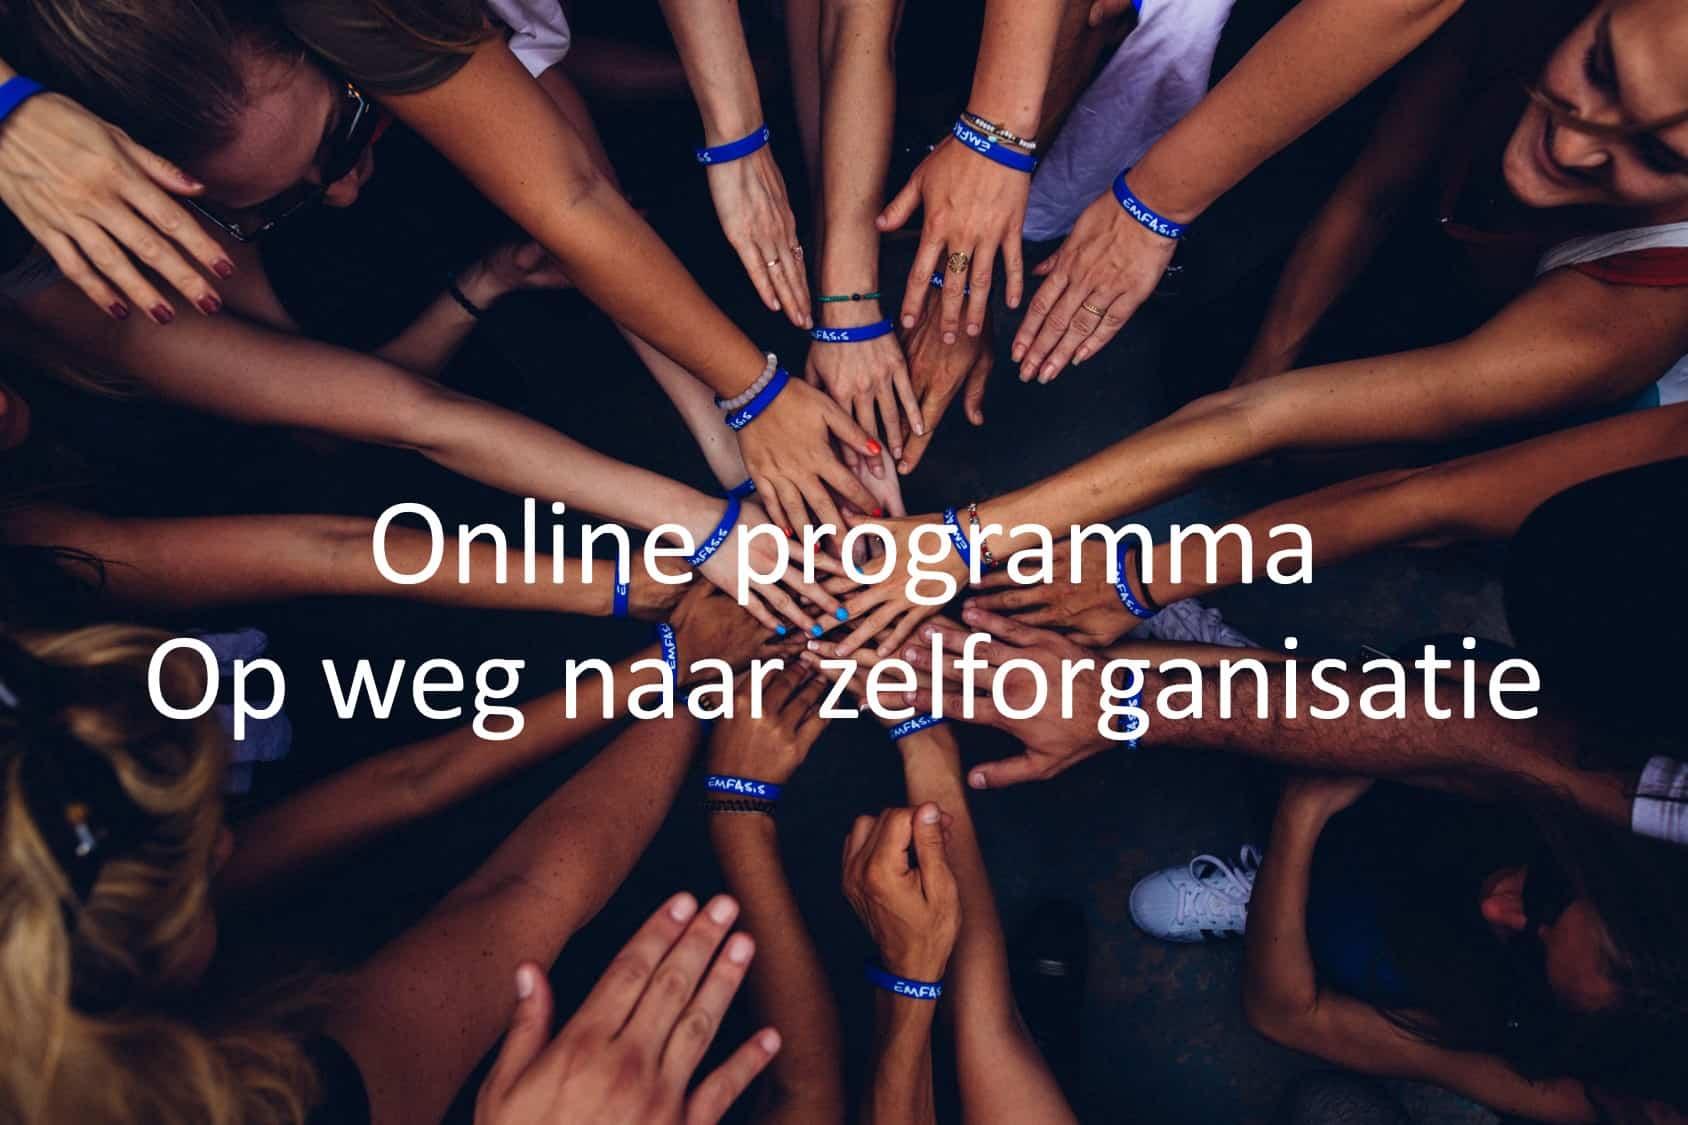 Online programma Op weg naar zelforganisatie, organisatieontwikkeling